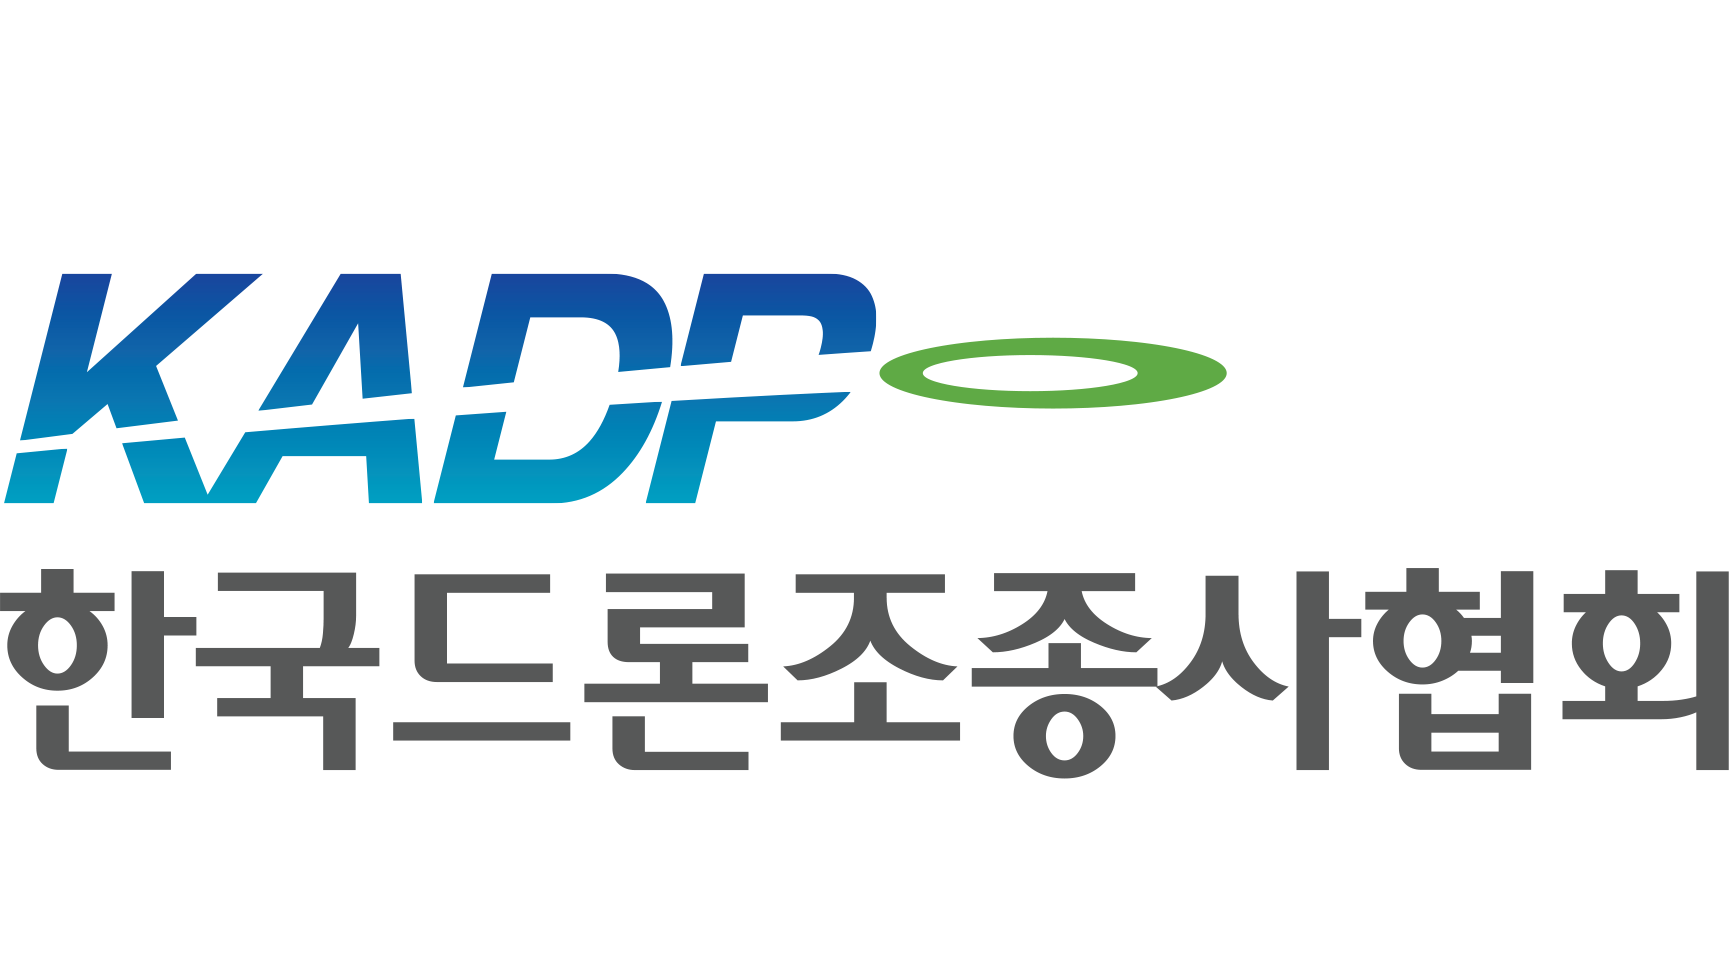 한국드론조종사협회 로고